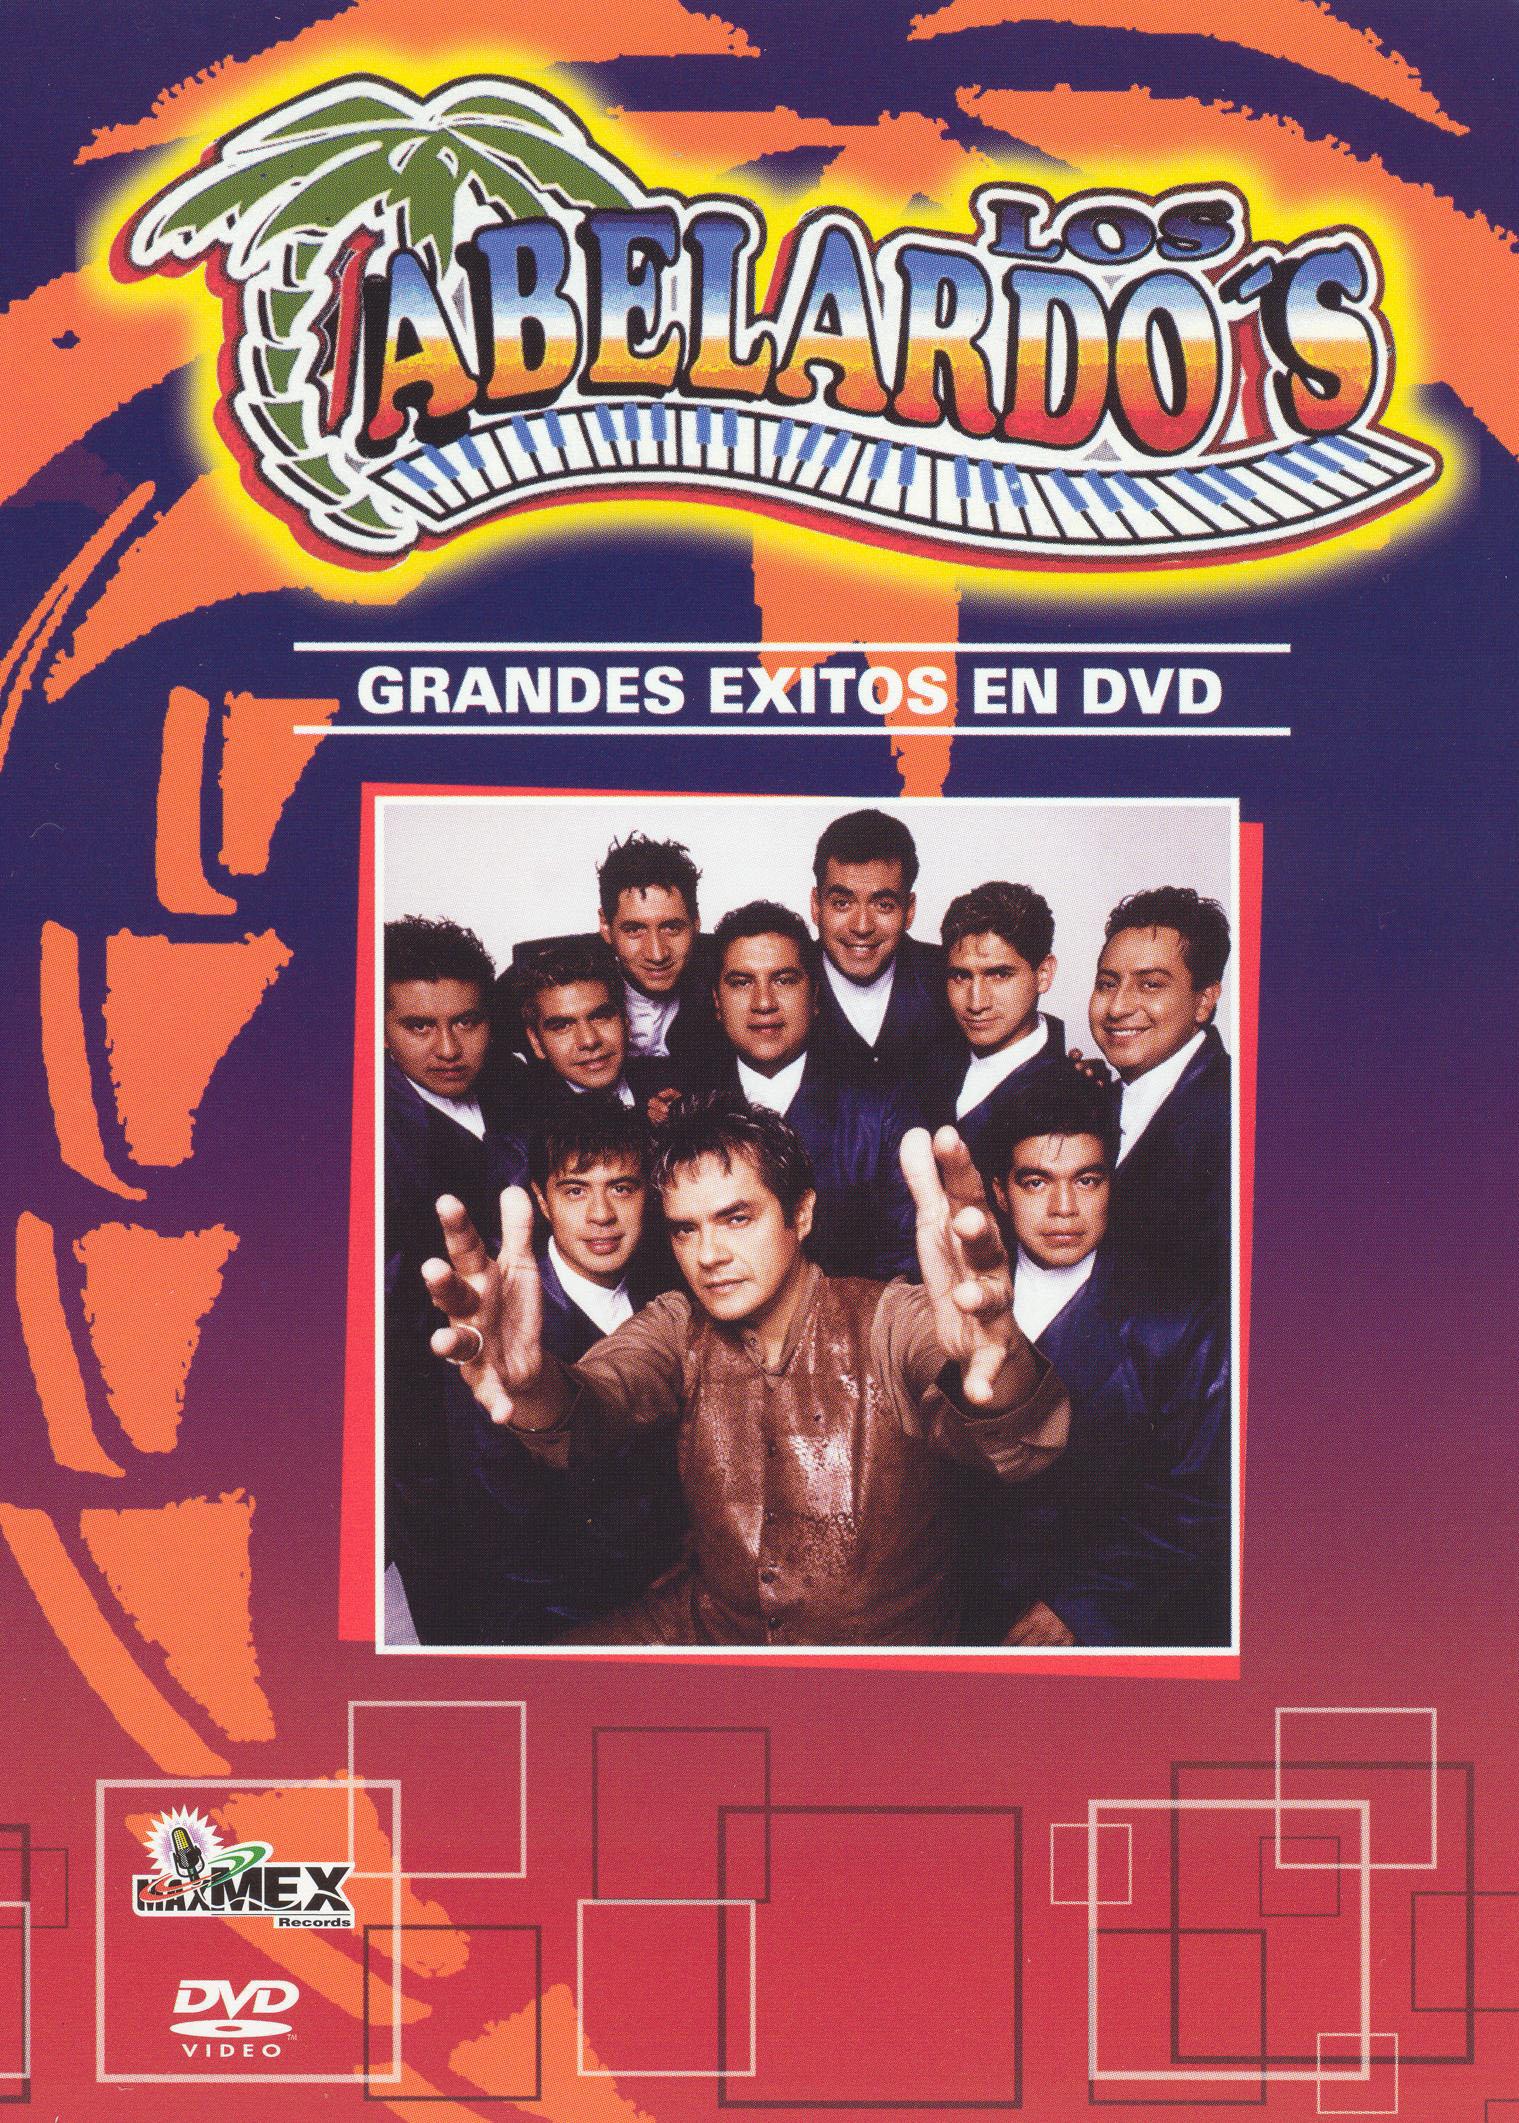 Los Abelardos: Grandes Exitos En DVD